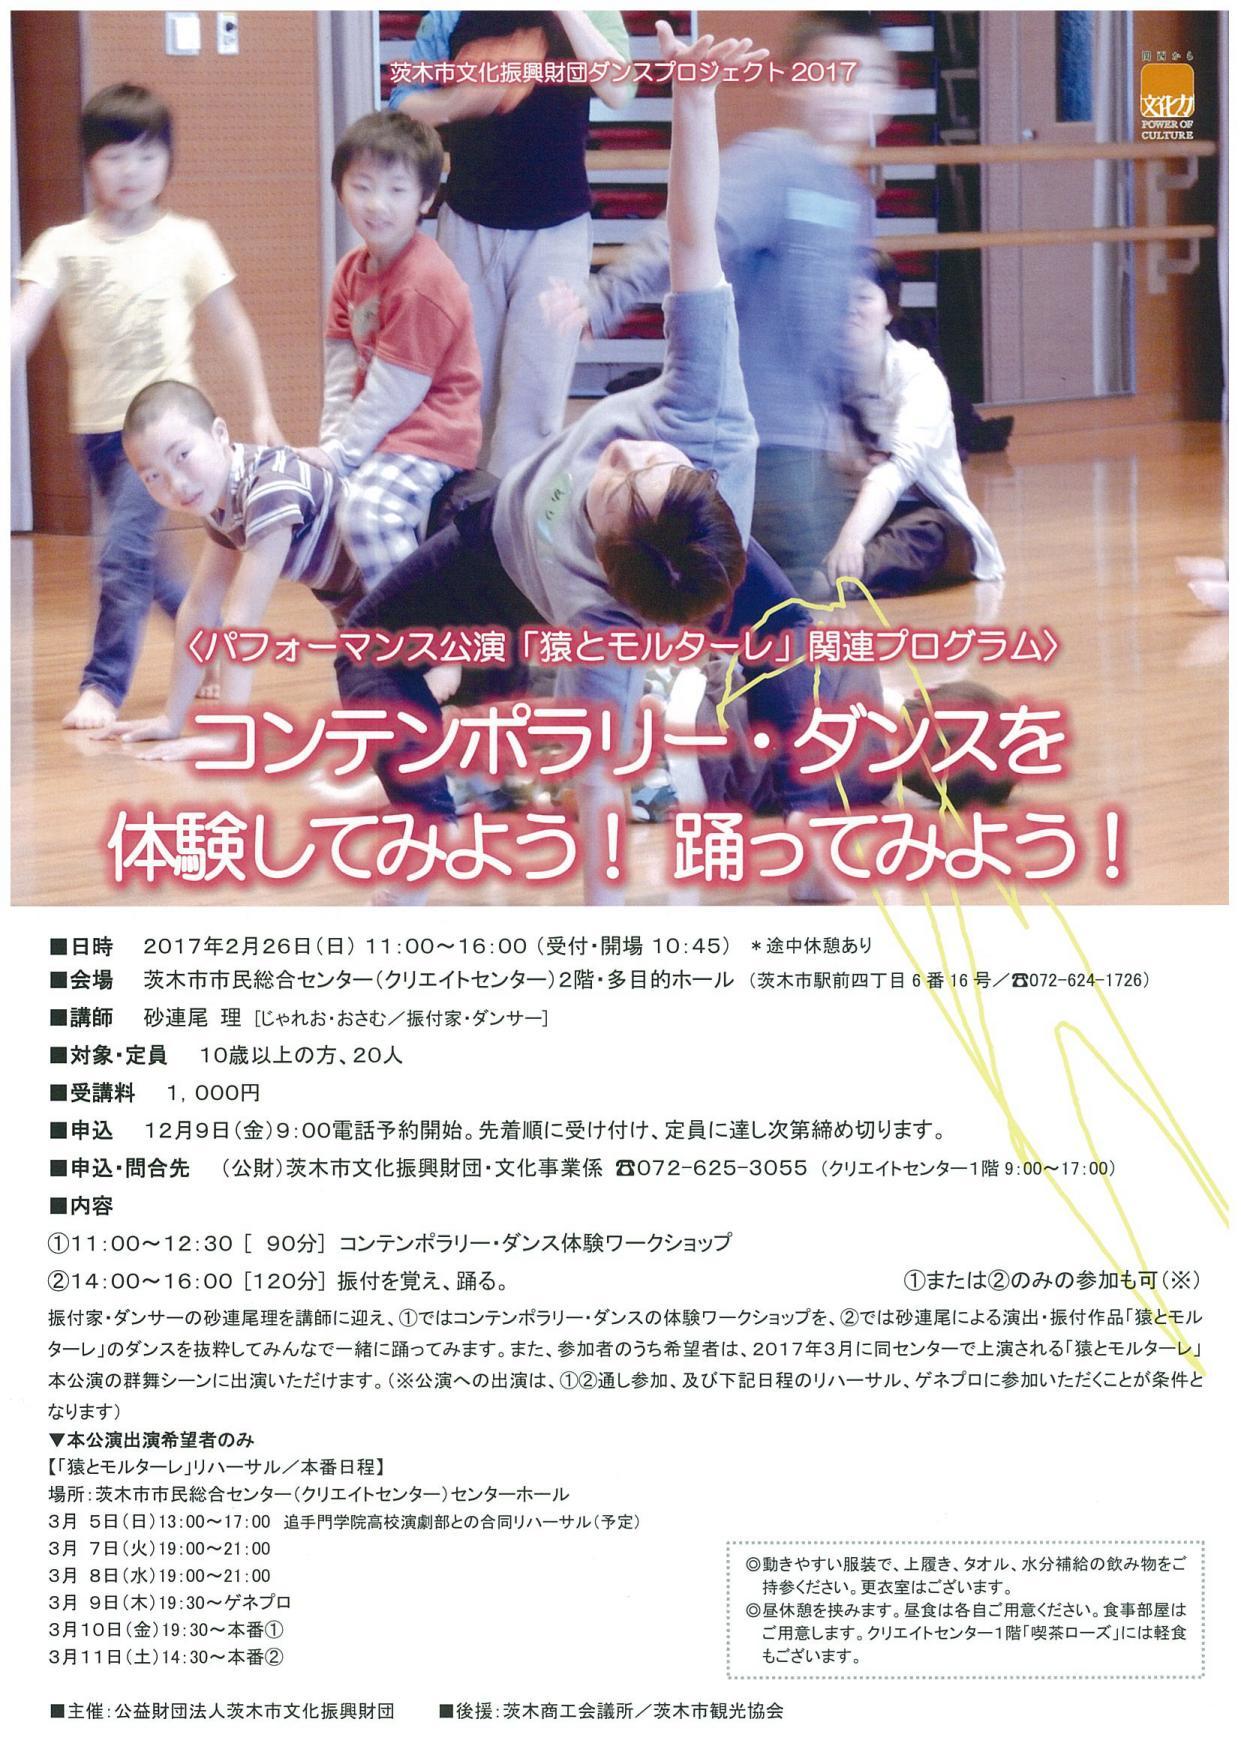 茨木市文化振興財団ダンスプロジェクト2017 「コンテンポラリー・ダンスを体験してみよう!踊ってみよう!」